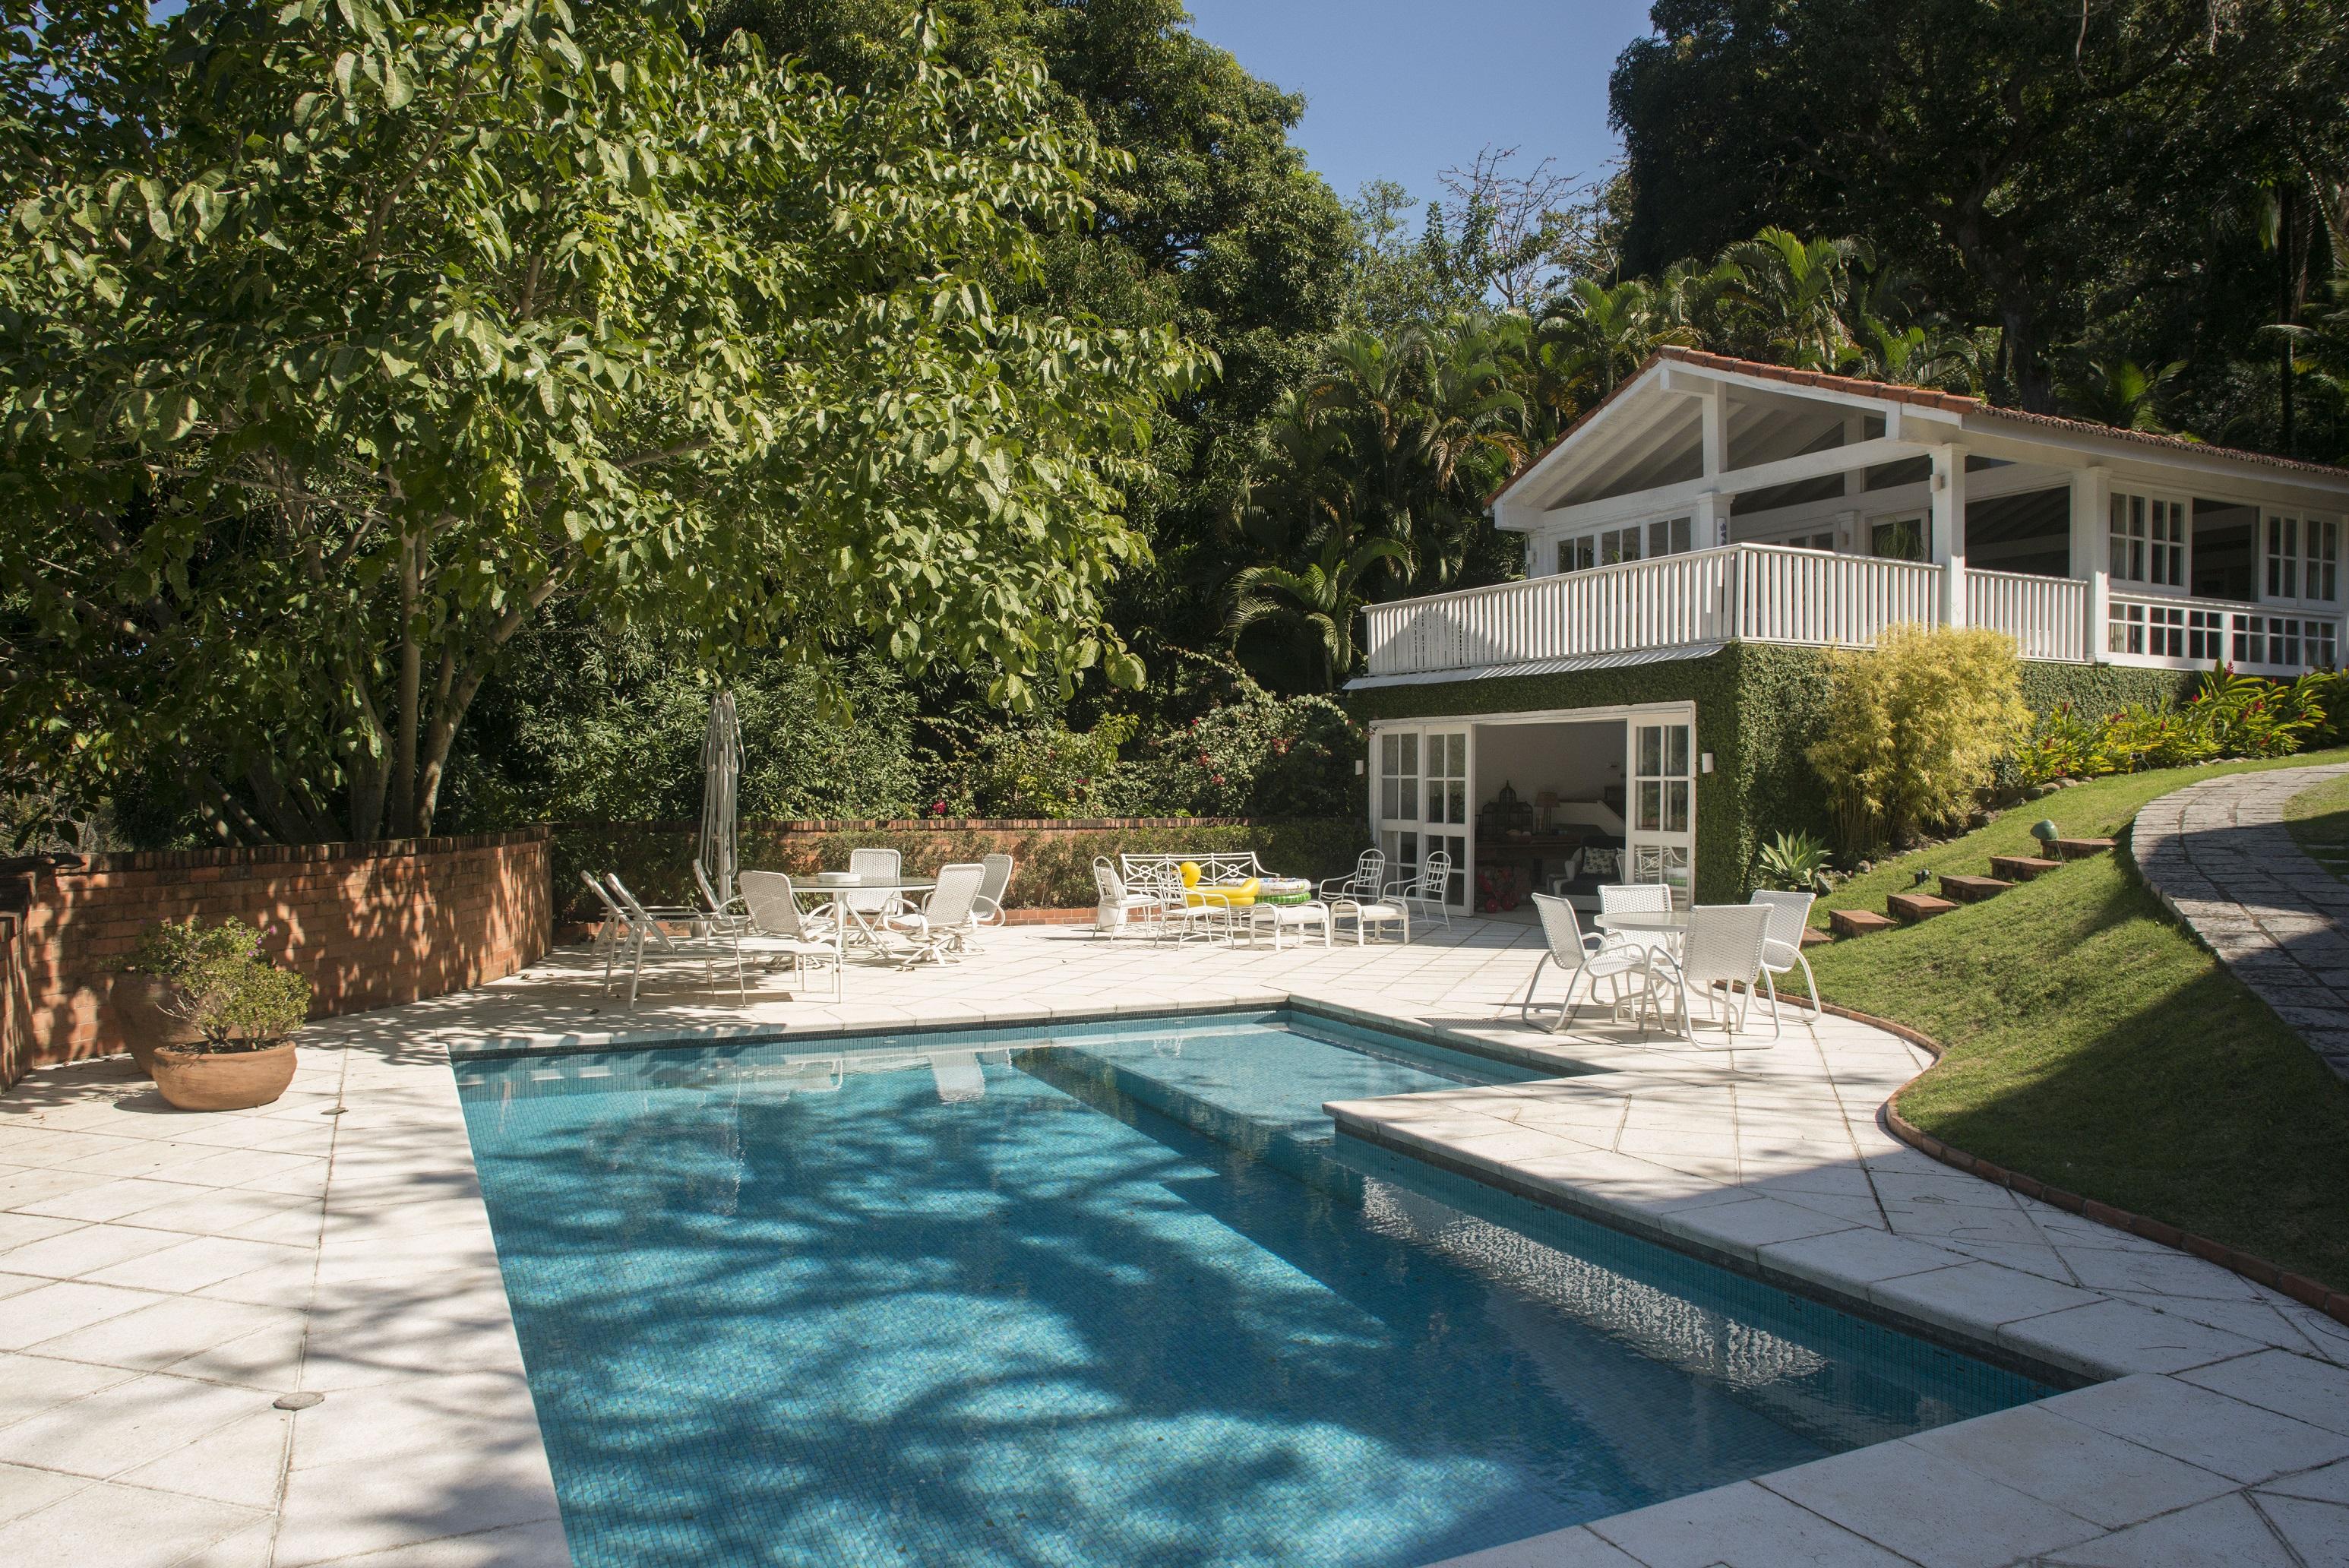 Частный односемейный дом для того Продажа на Charming and Elegant Rua Iposeira Rio De Janeiro, Рио-Де-Жанейро, 22610380 Бразилия